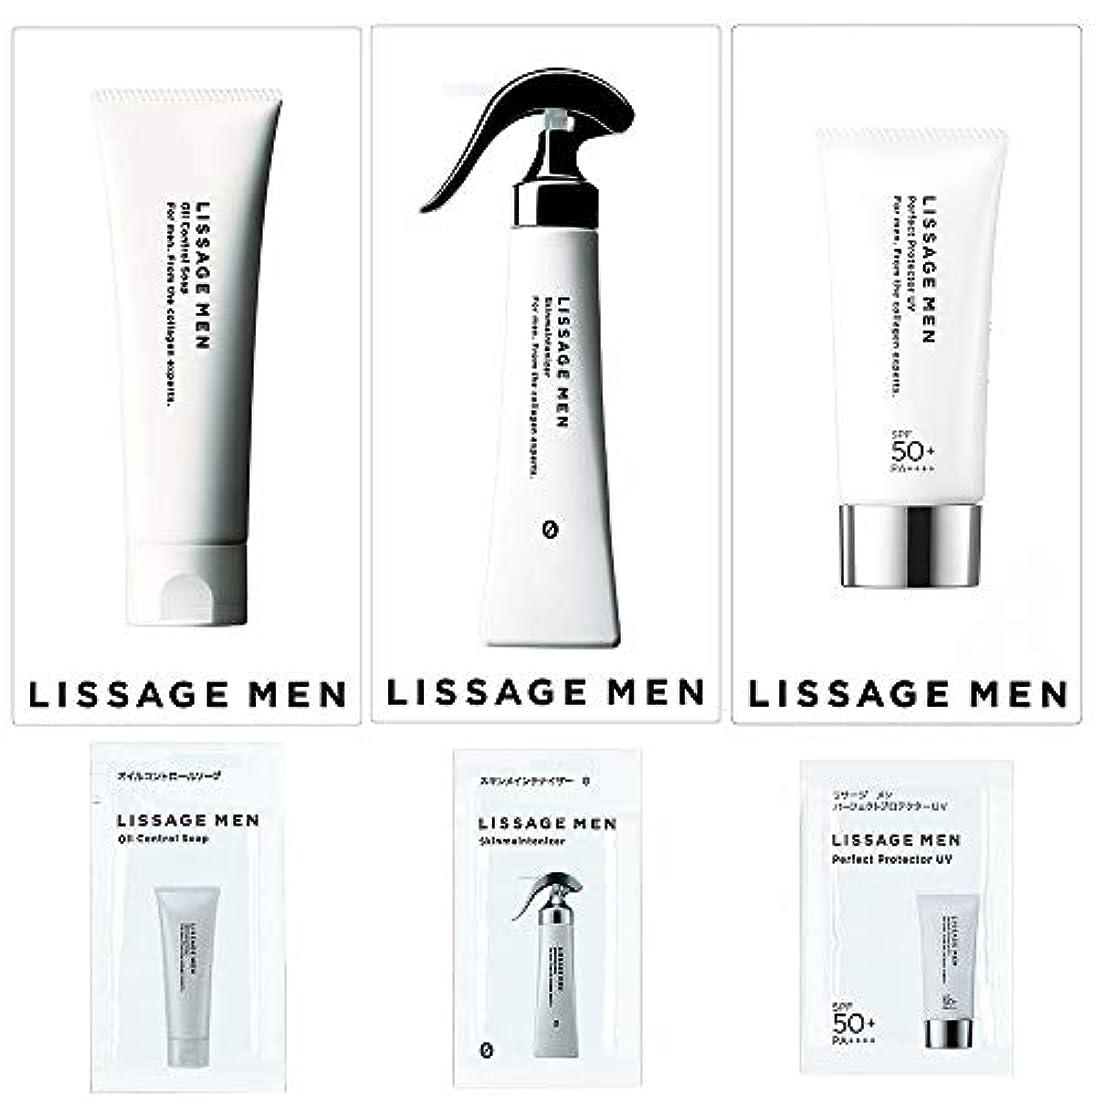 の間に許容できる毎年リサージメン メンズ フェイスケア 3点セット 洗顔&化粧水&UV(サンプルセット) 【実質無料サンプルストア対象】